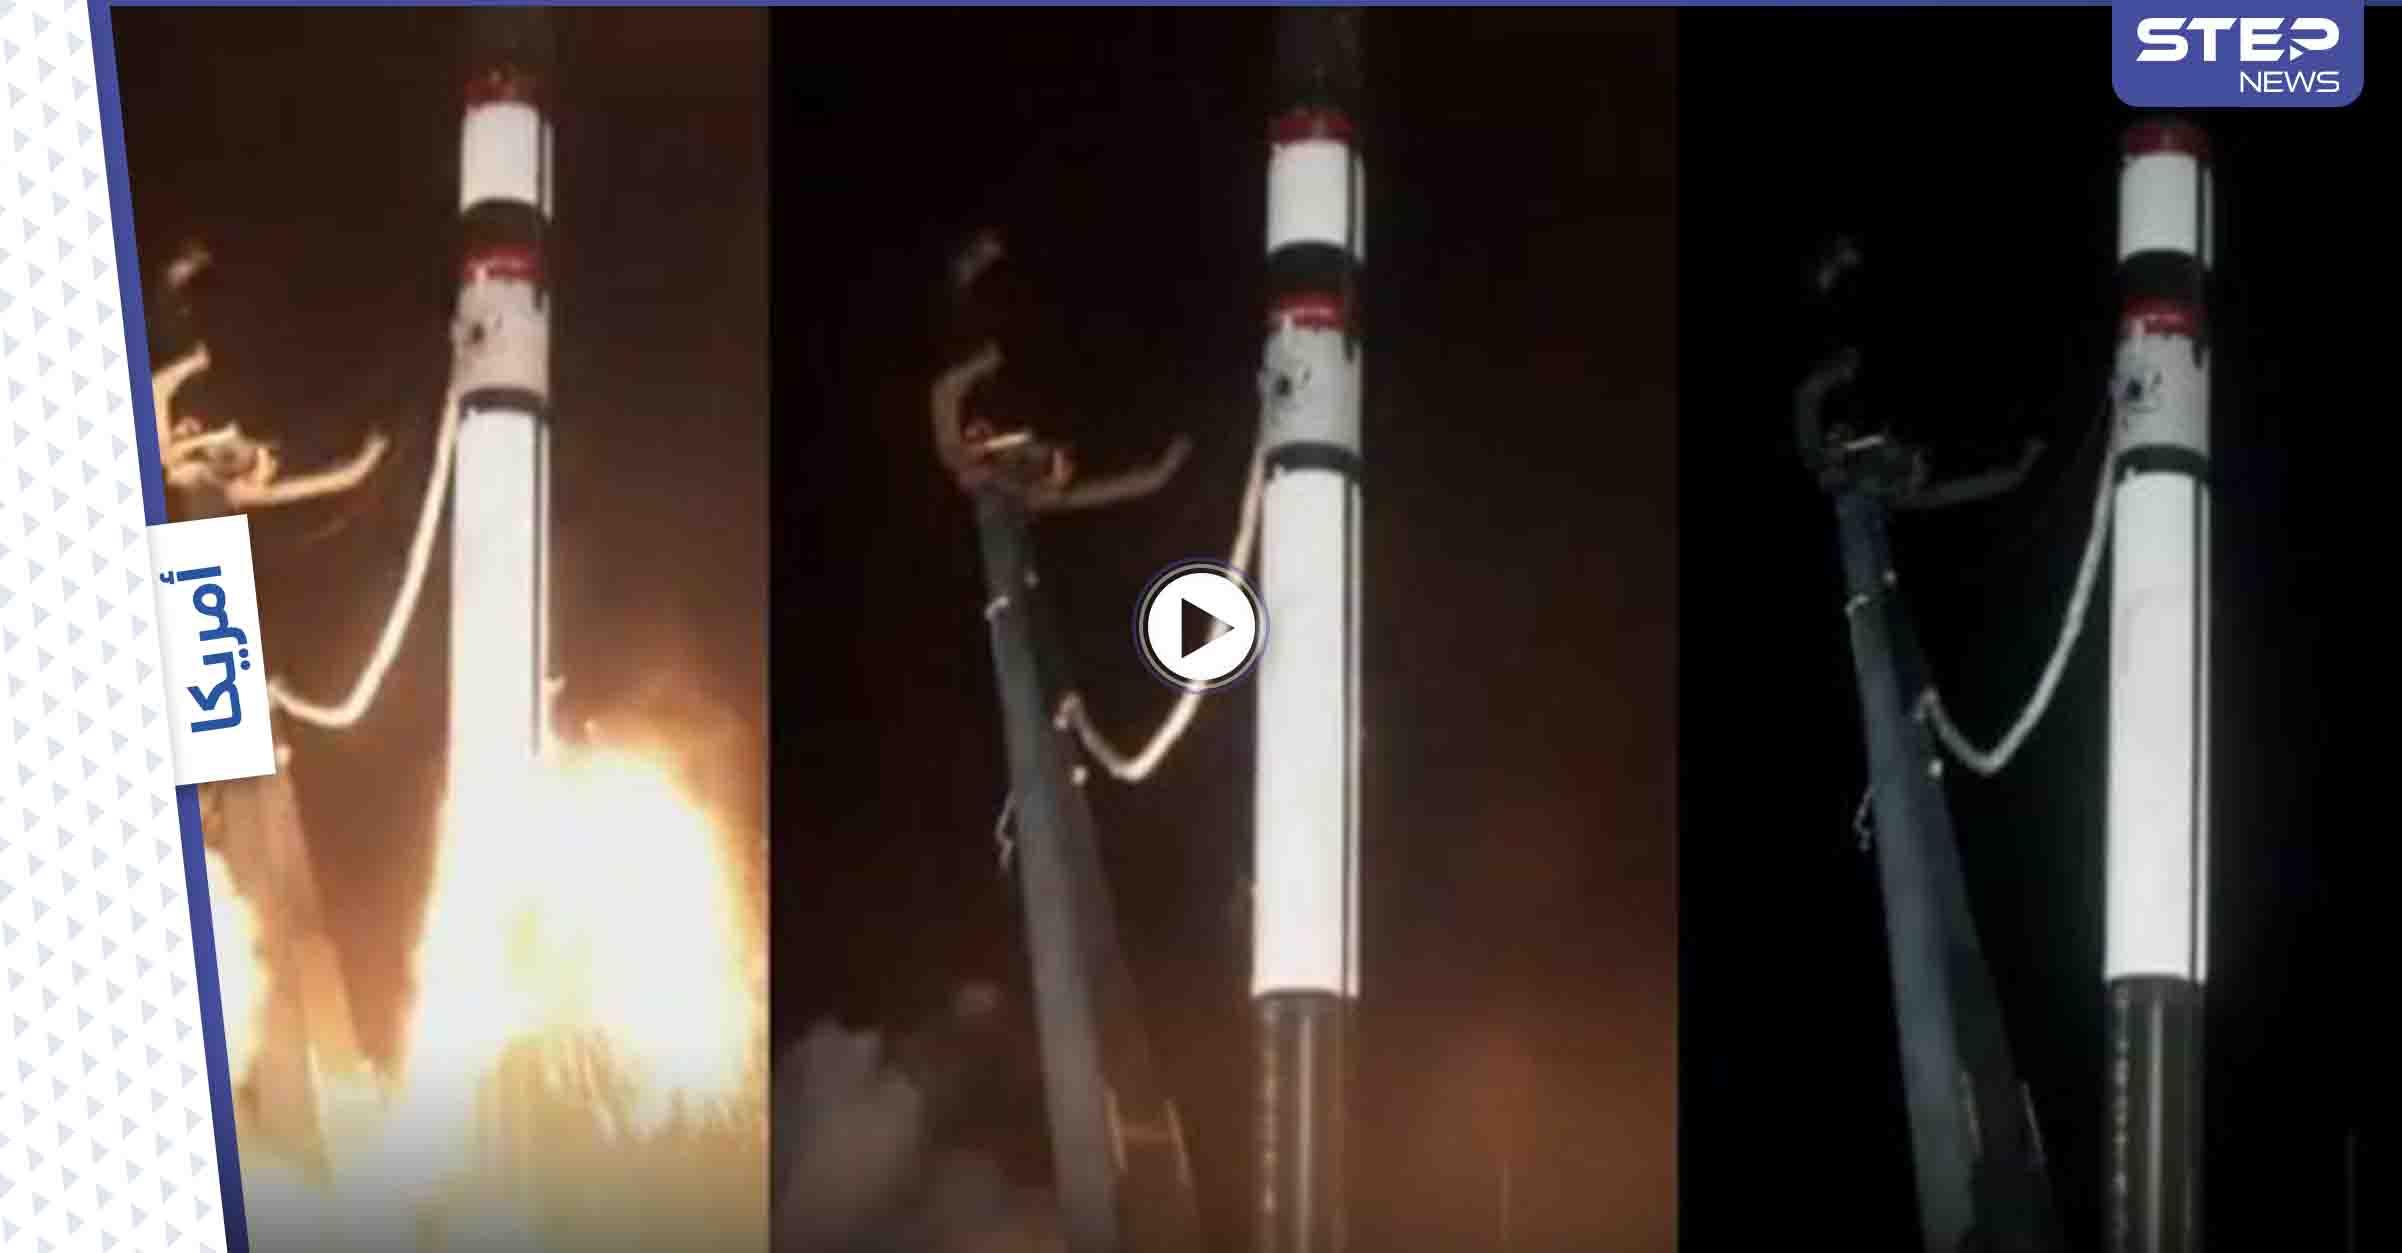 بالفيديو|| بعد الصاروخ الصيني.. شركة روكيت تاب الأمريكية تعلن فقدانها السيطرة على صاروخ فضائي جديد